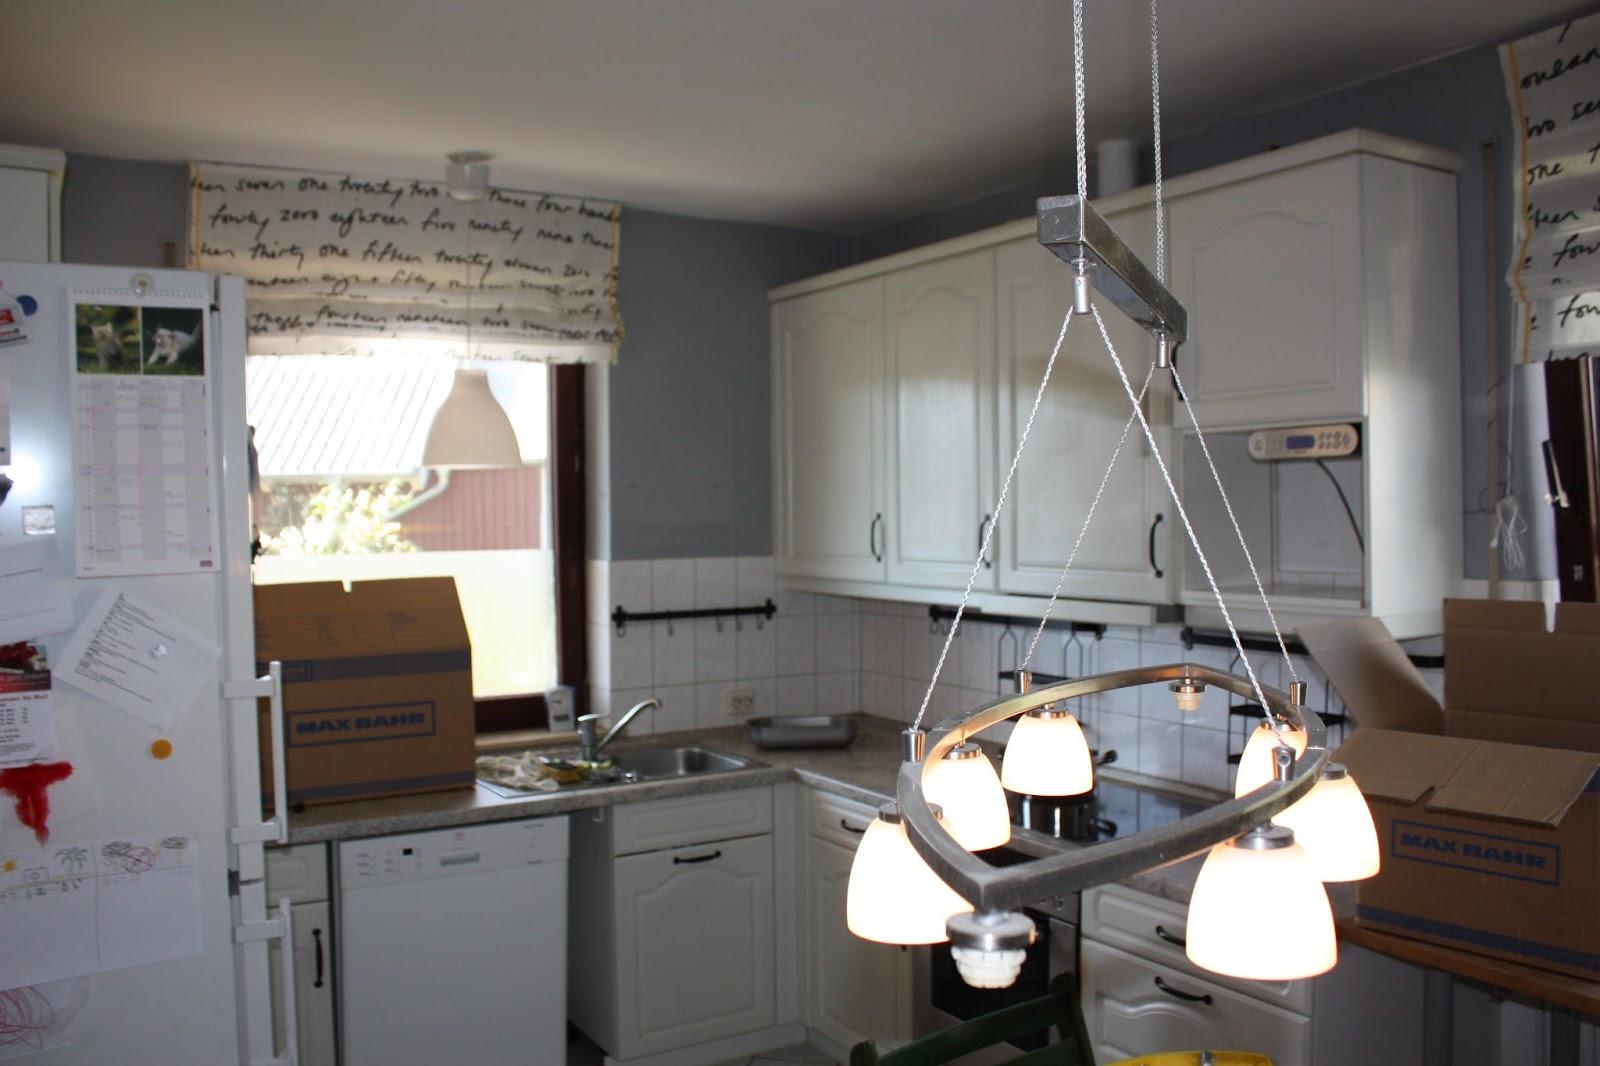 linekens kleine welt des wahnsinns erster teil. Black Bedroom Furniture Sets. Home Design Ideas